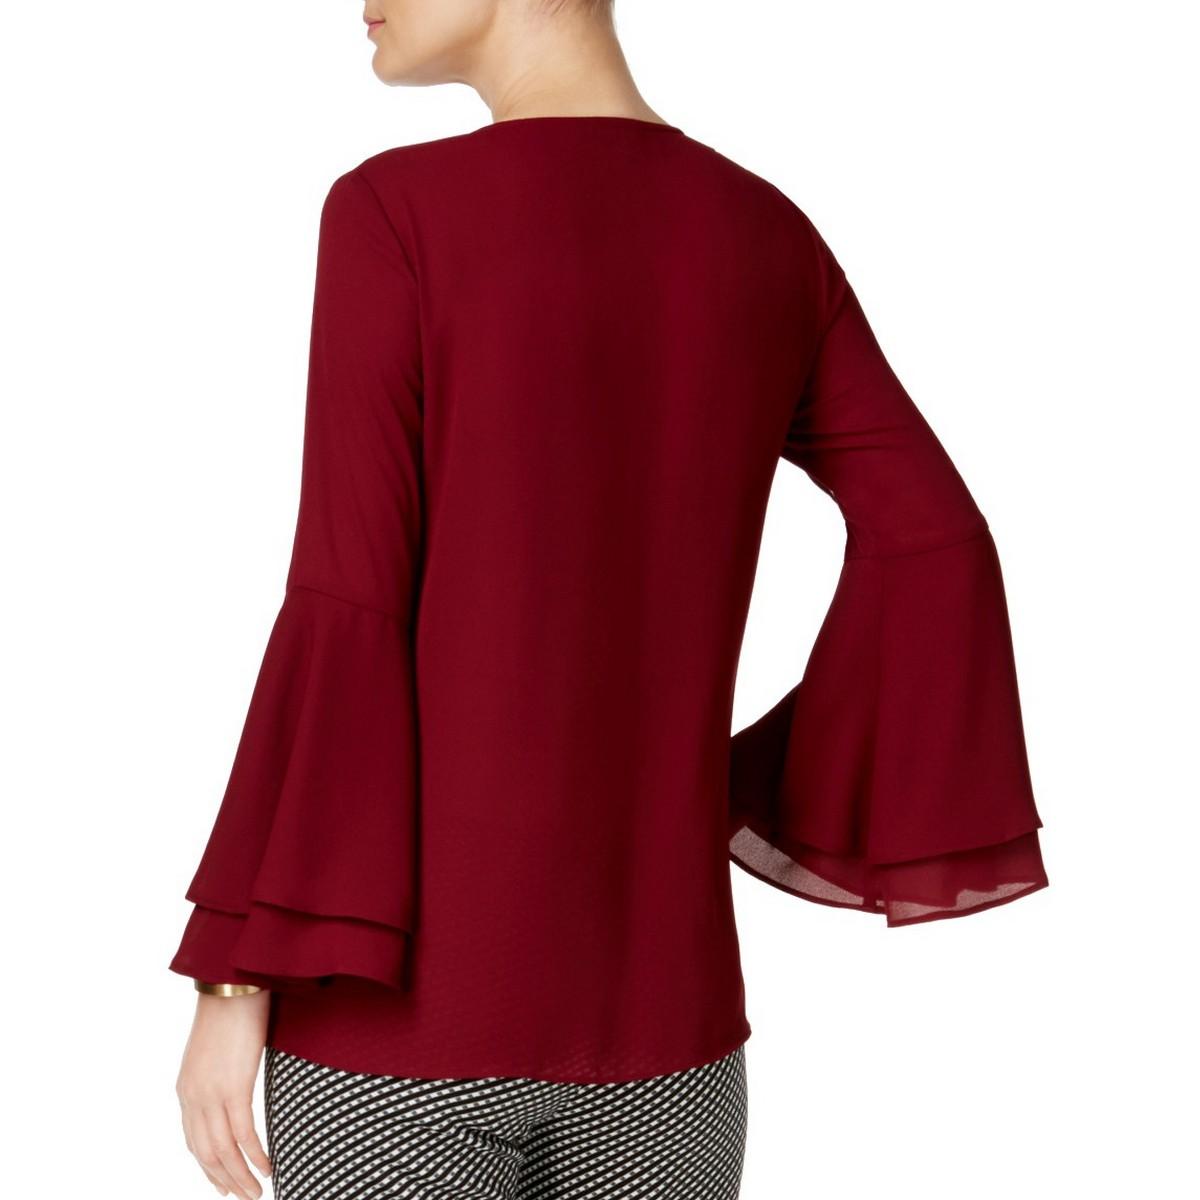 ALFANI-NEW-Women-039-s-V-neck-Bell-Sleeve-Blouse-Shirt-Top-TEDO thumbnail 6